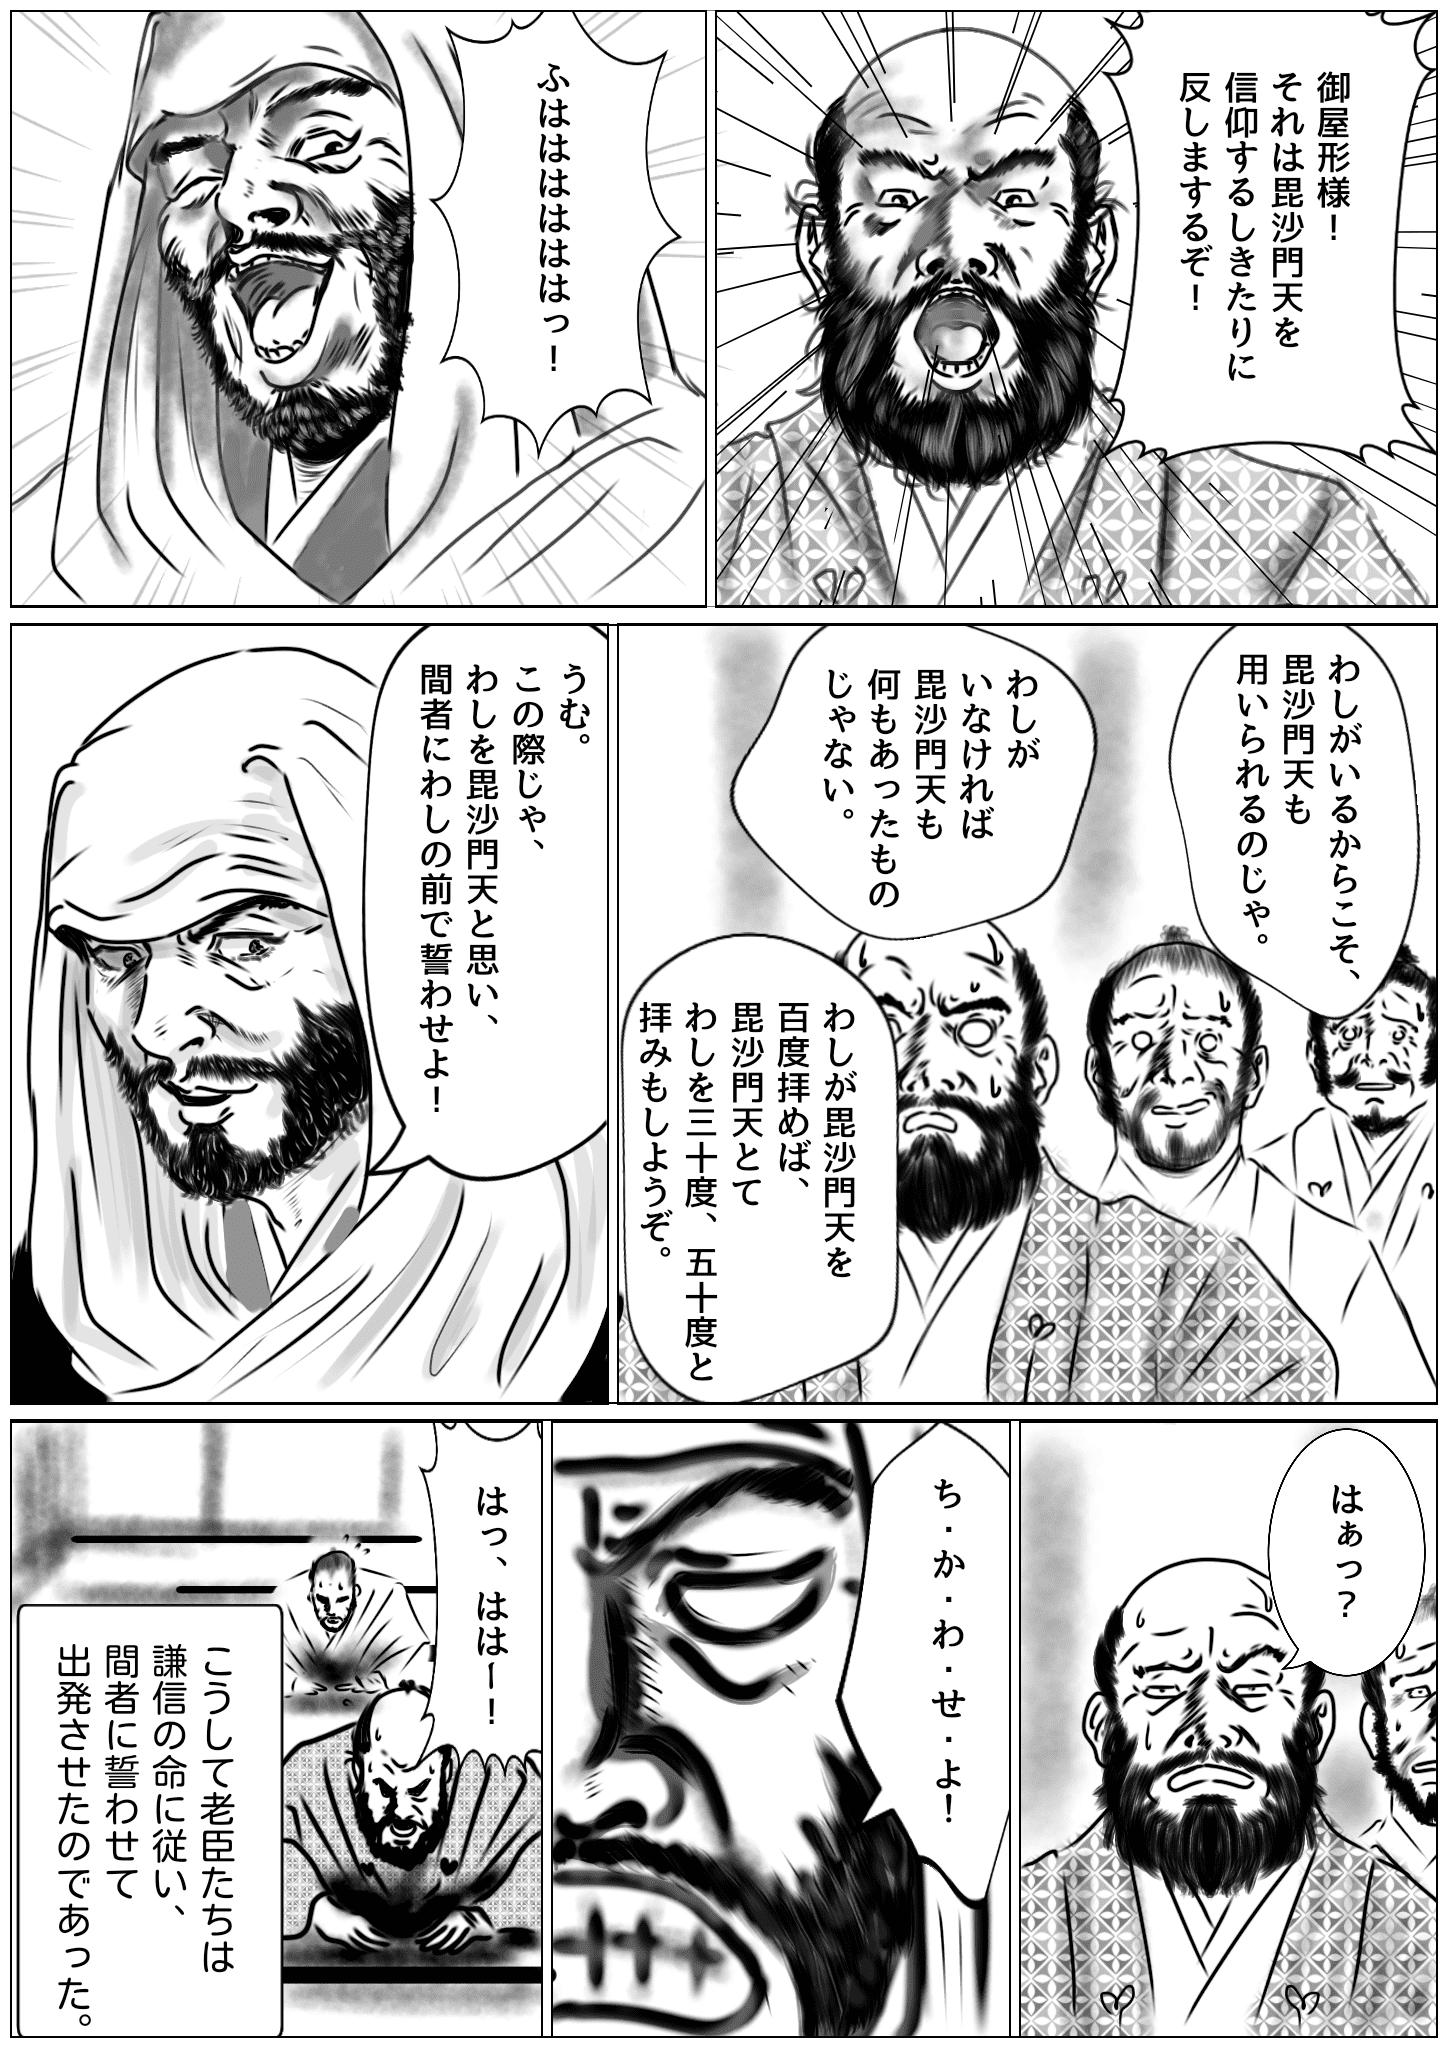 わしを毘沙門天と思え! 2ページ